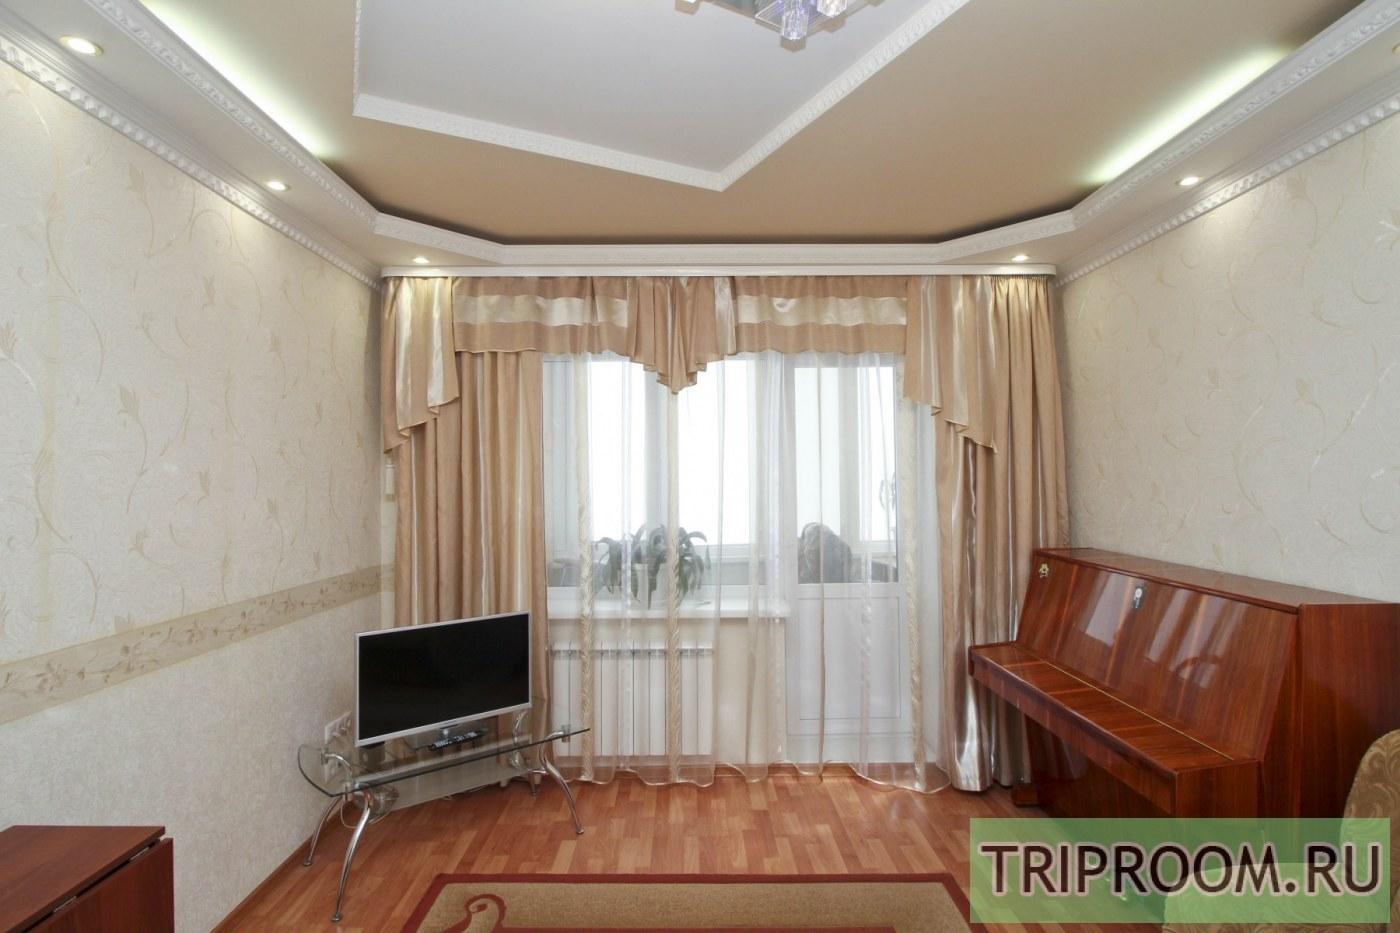 2-комнатная квартира посуточно (вариант № 37514), ул. Дзержинского улица, фото № 2